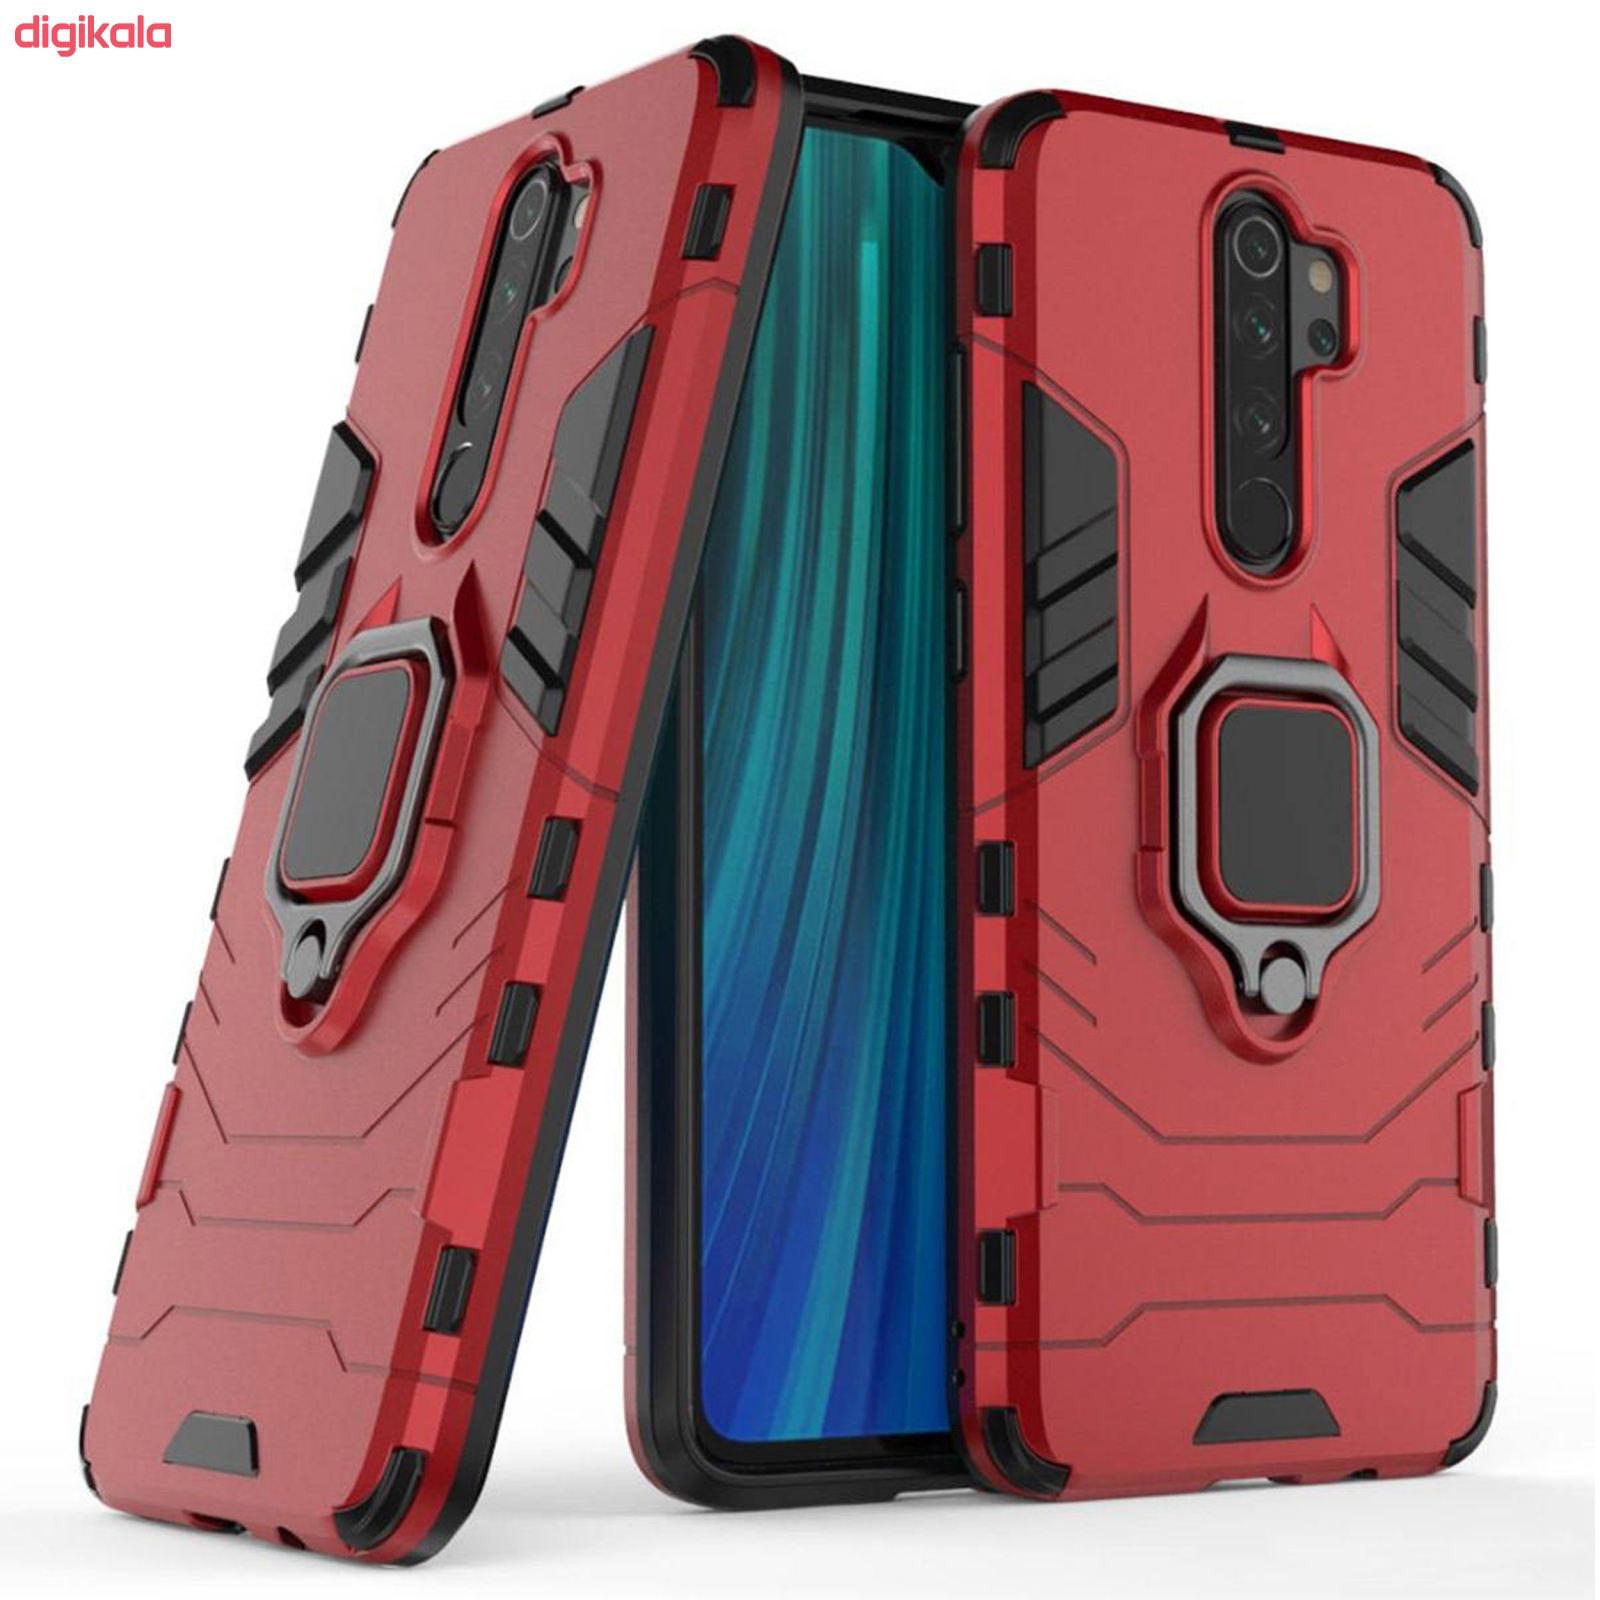 کاور کماندو مدل ASH21 مناسب برای گوشی موبایل شیائومی Redmi Note 8 Pro main 1 9